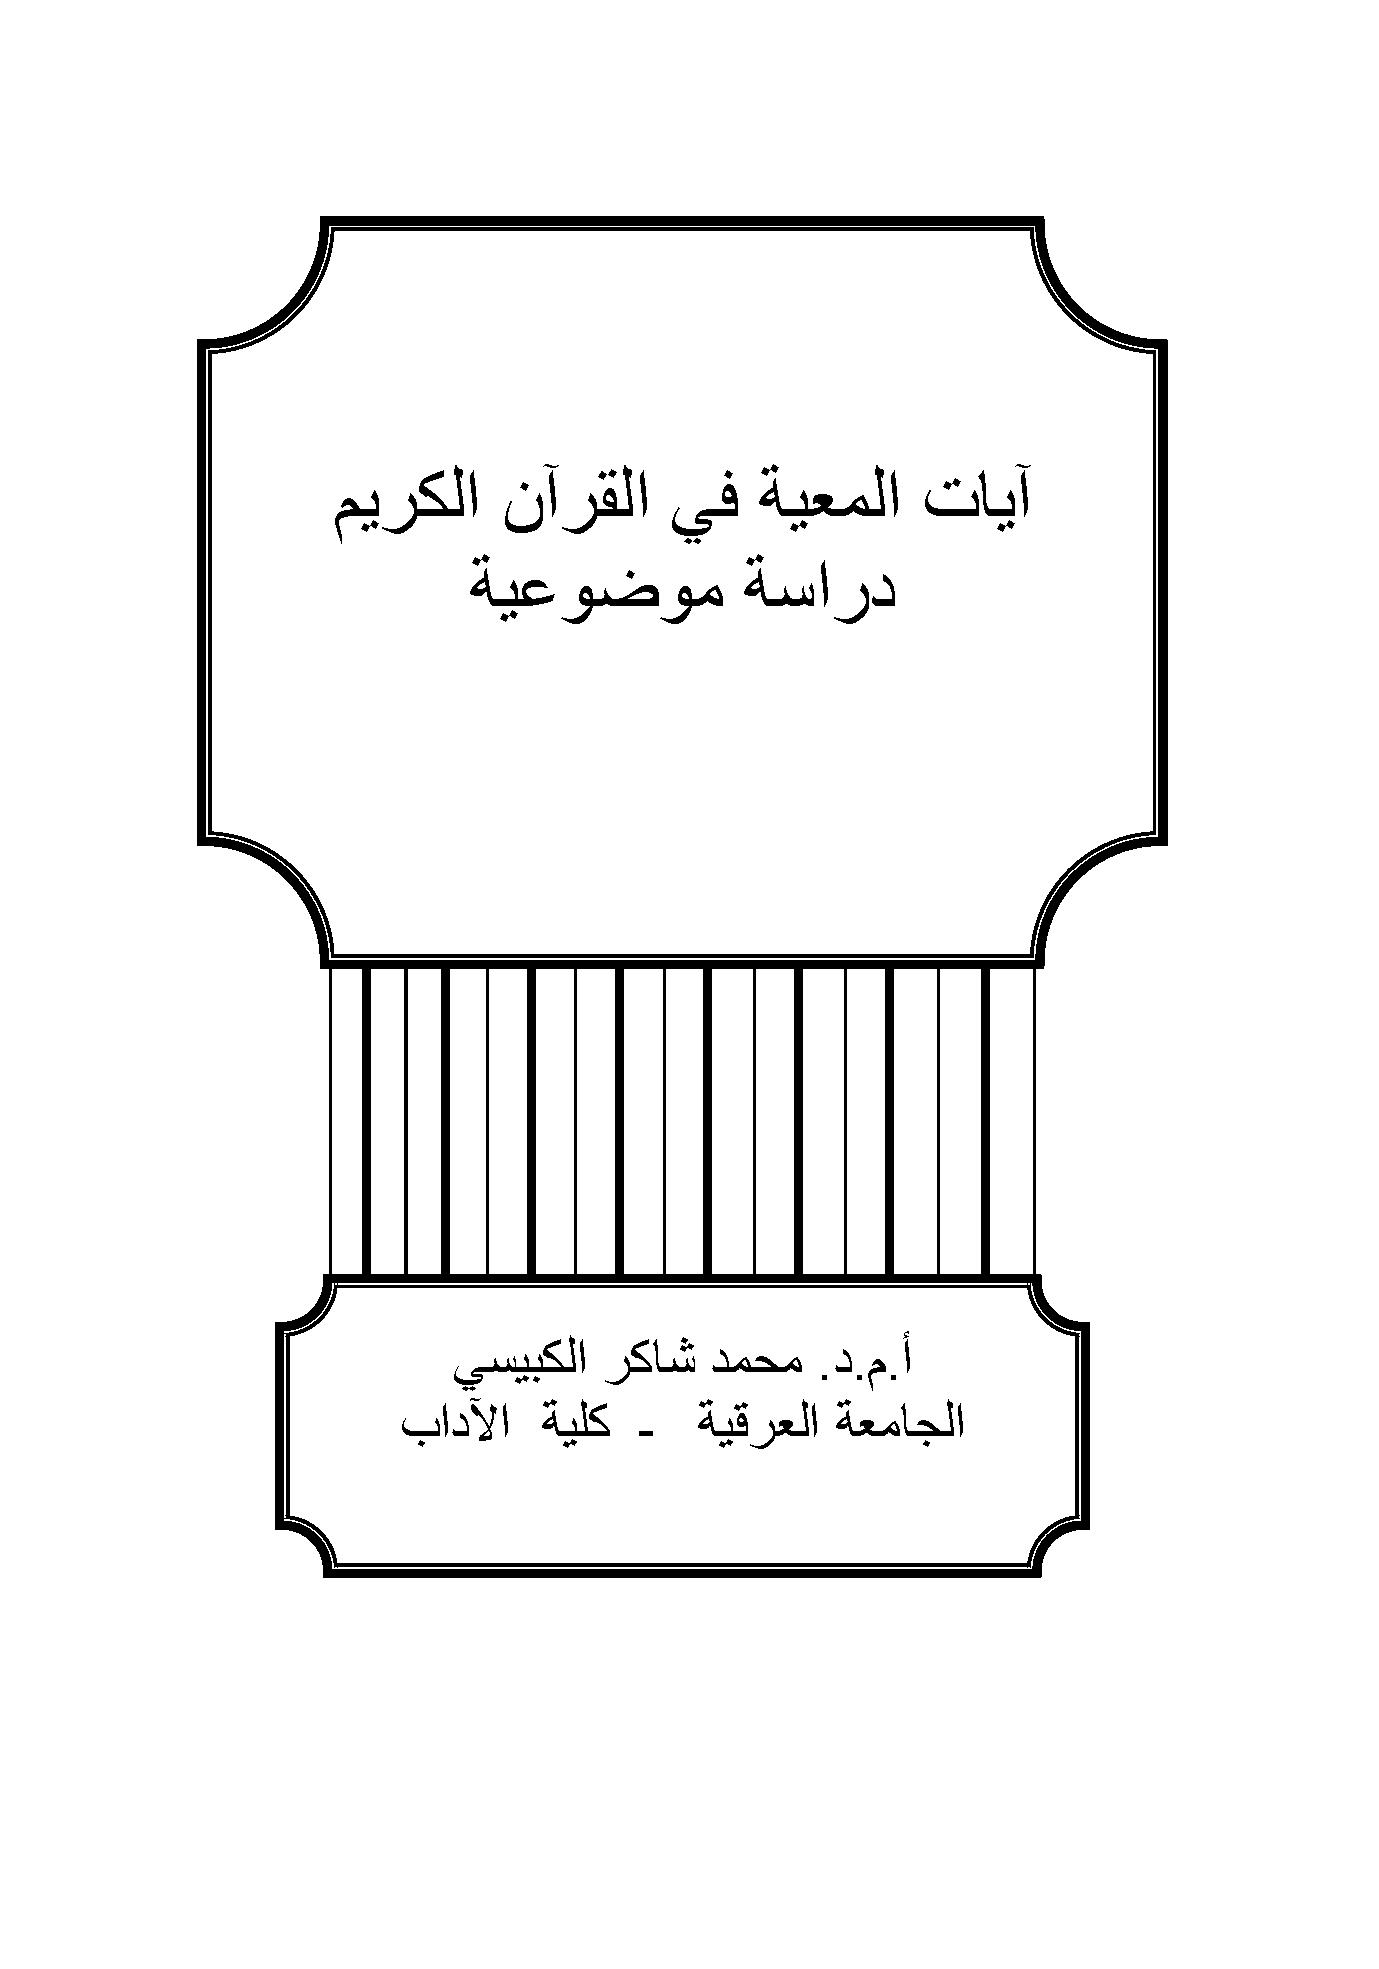 تحميل كتاب آيات المعية في القرآن الكريم (دراسة موضوعية) لـِ: الدكتور محمد شاكر الكبيسي